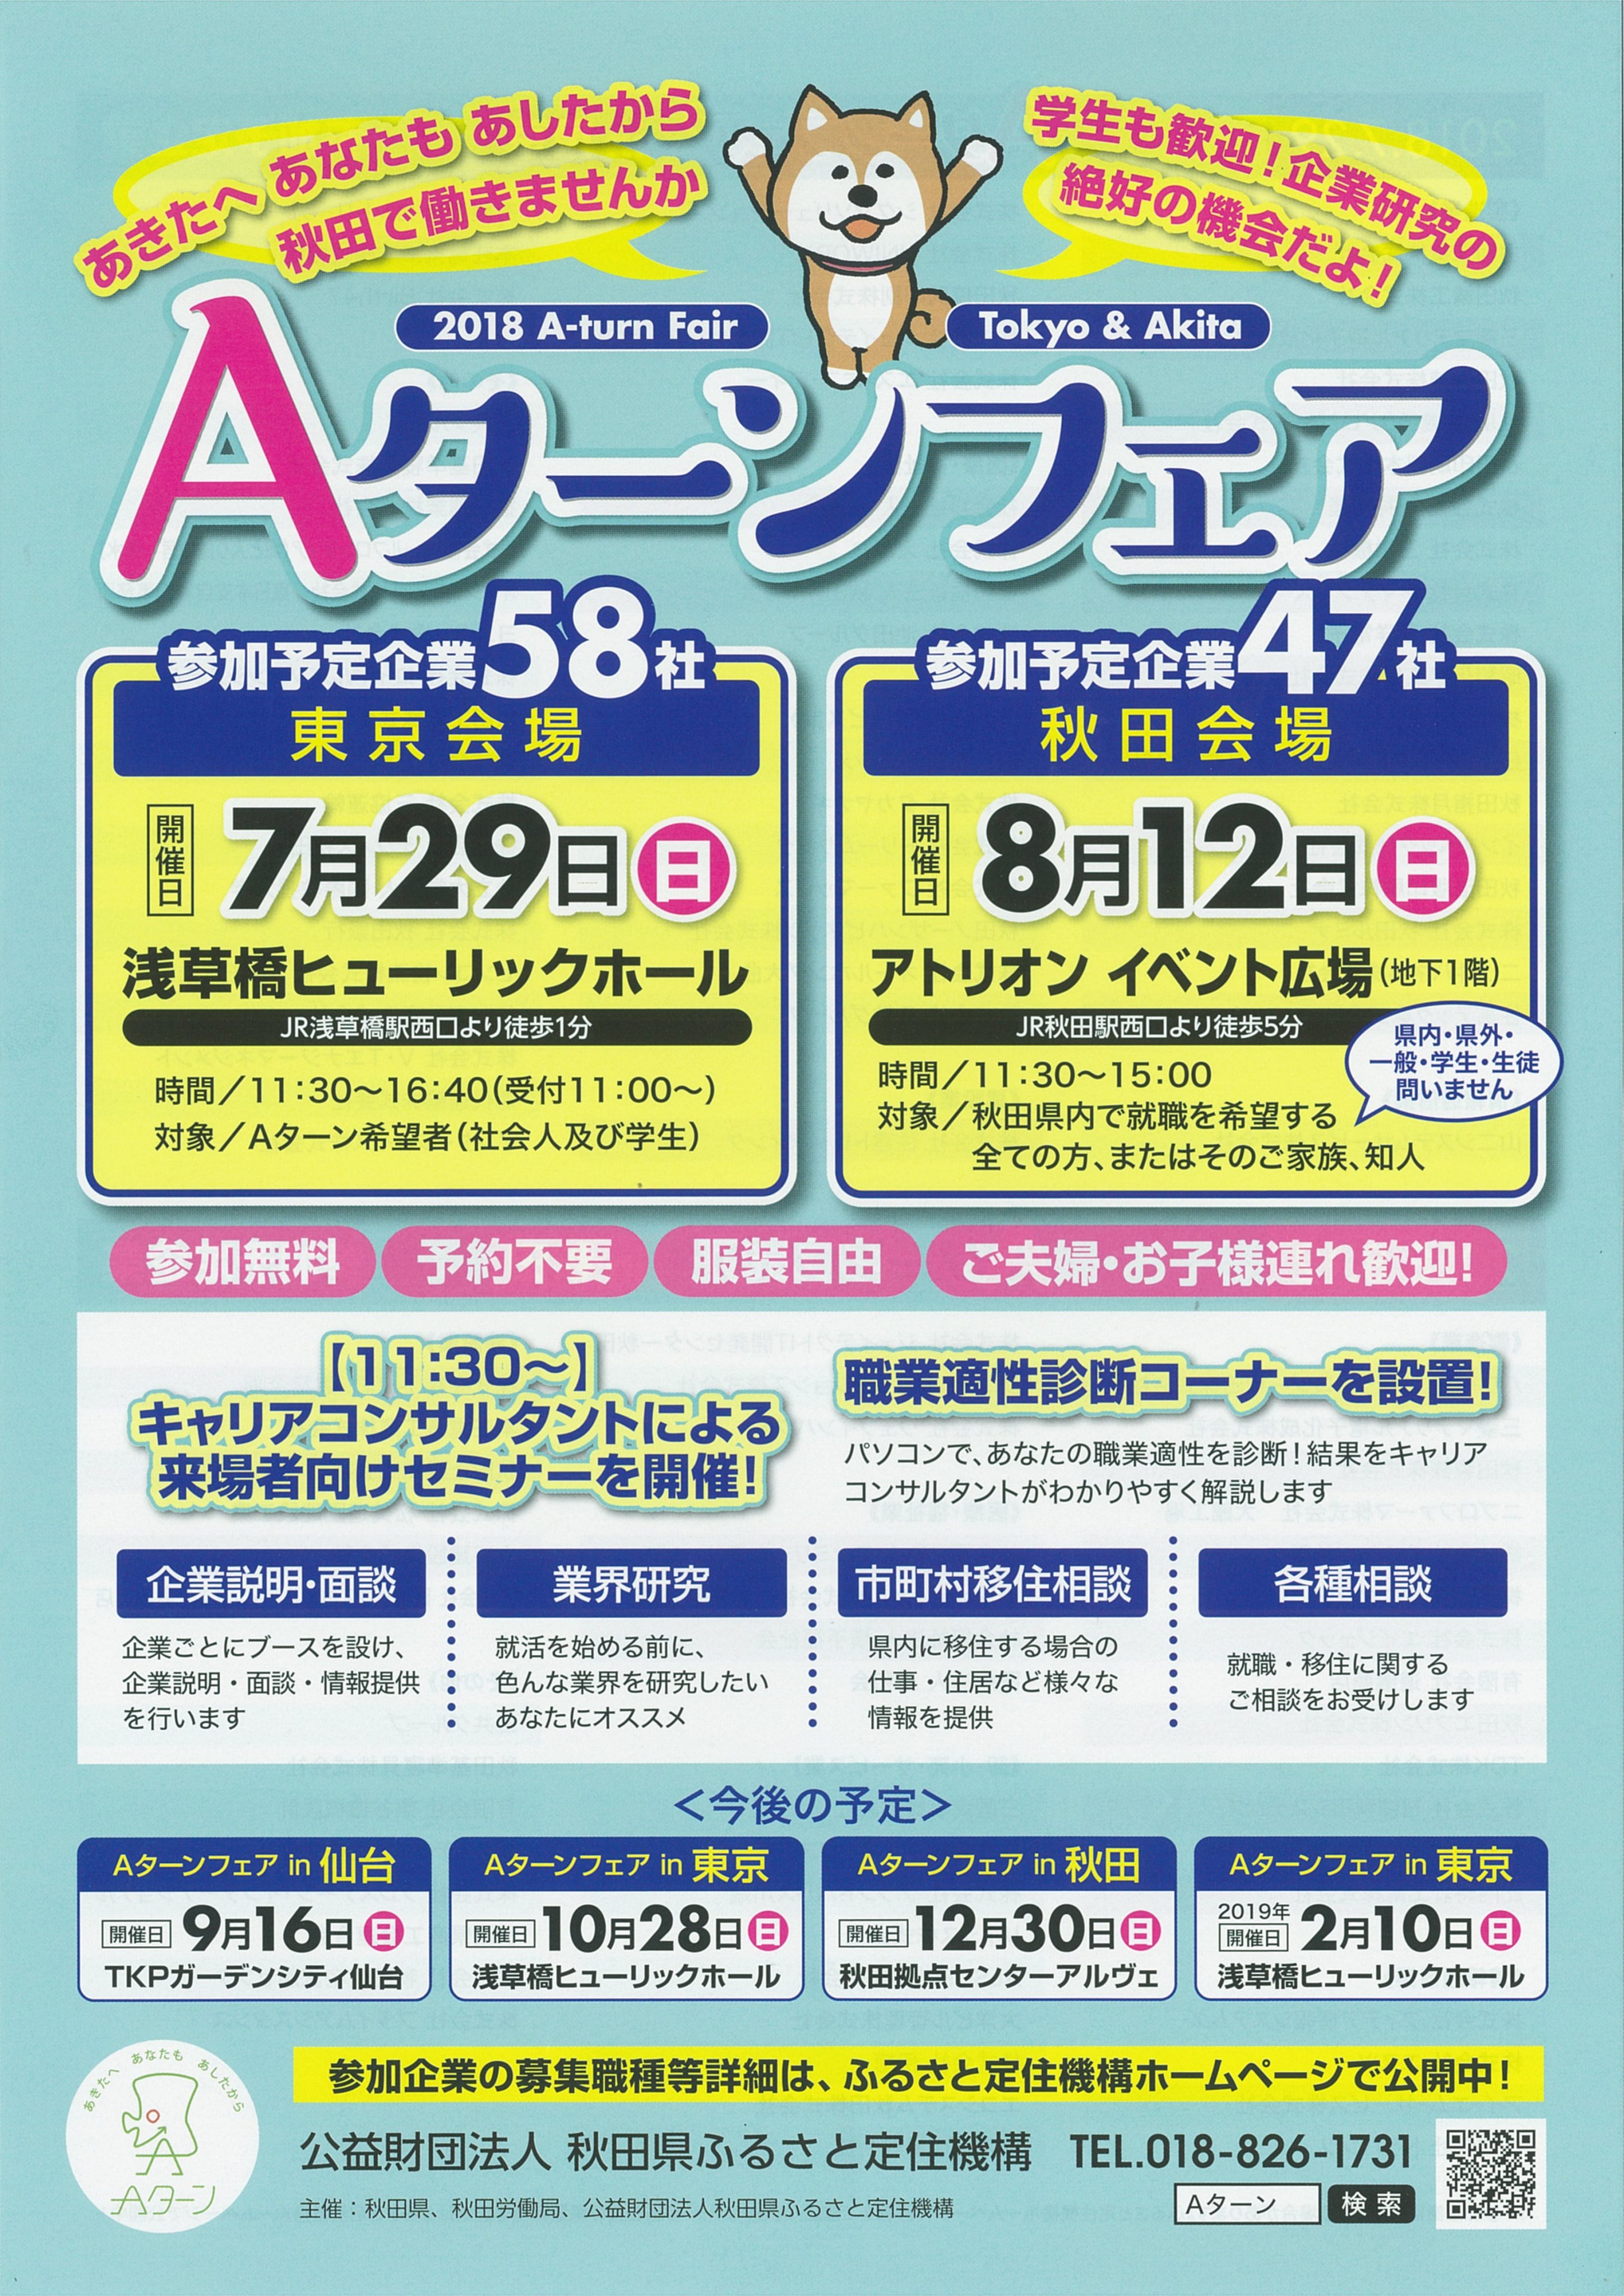 7月29日(日)『Aターンフェアin東京』に参戦‼